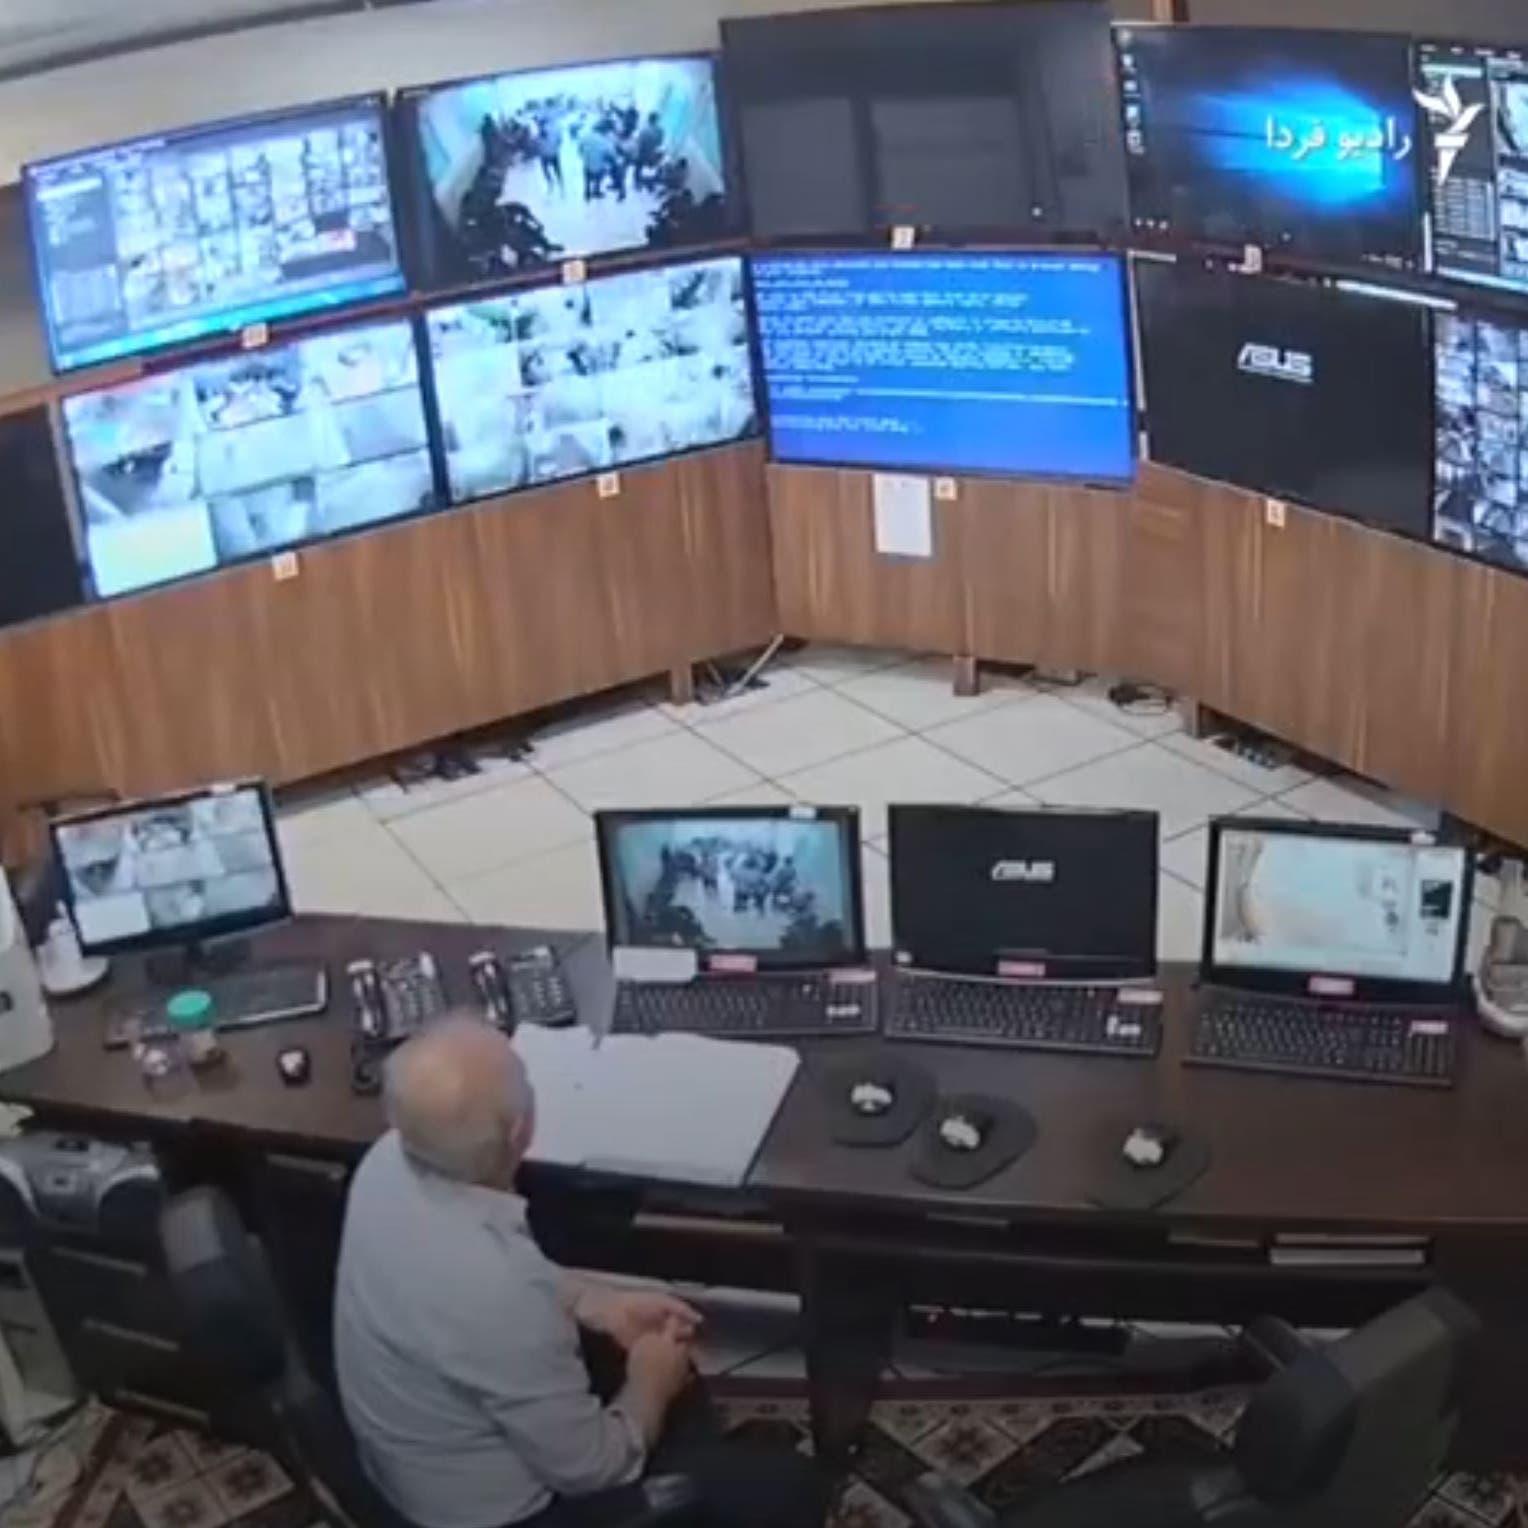 اختراق كاميرات المراقبة في سجن إيفين.. ورسالة إلى إبراهيم رئيسي